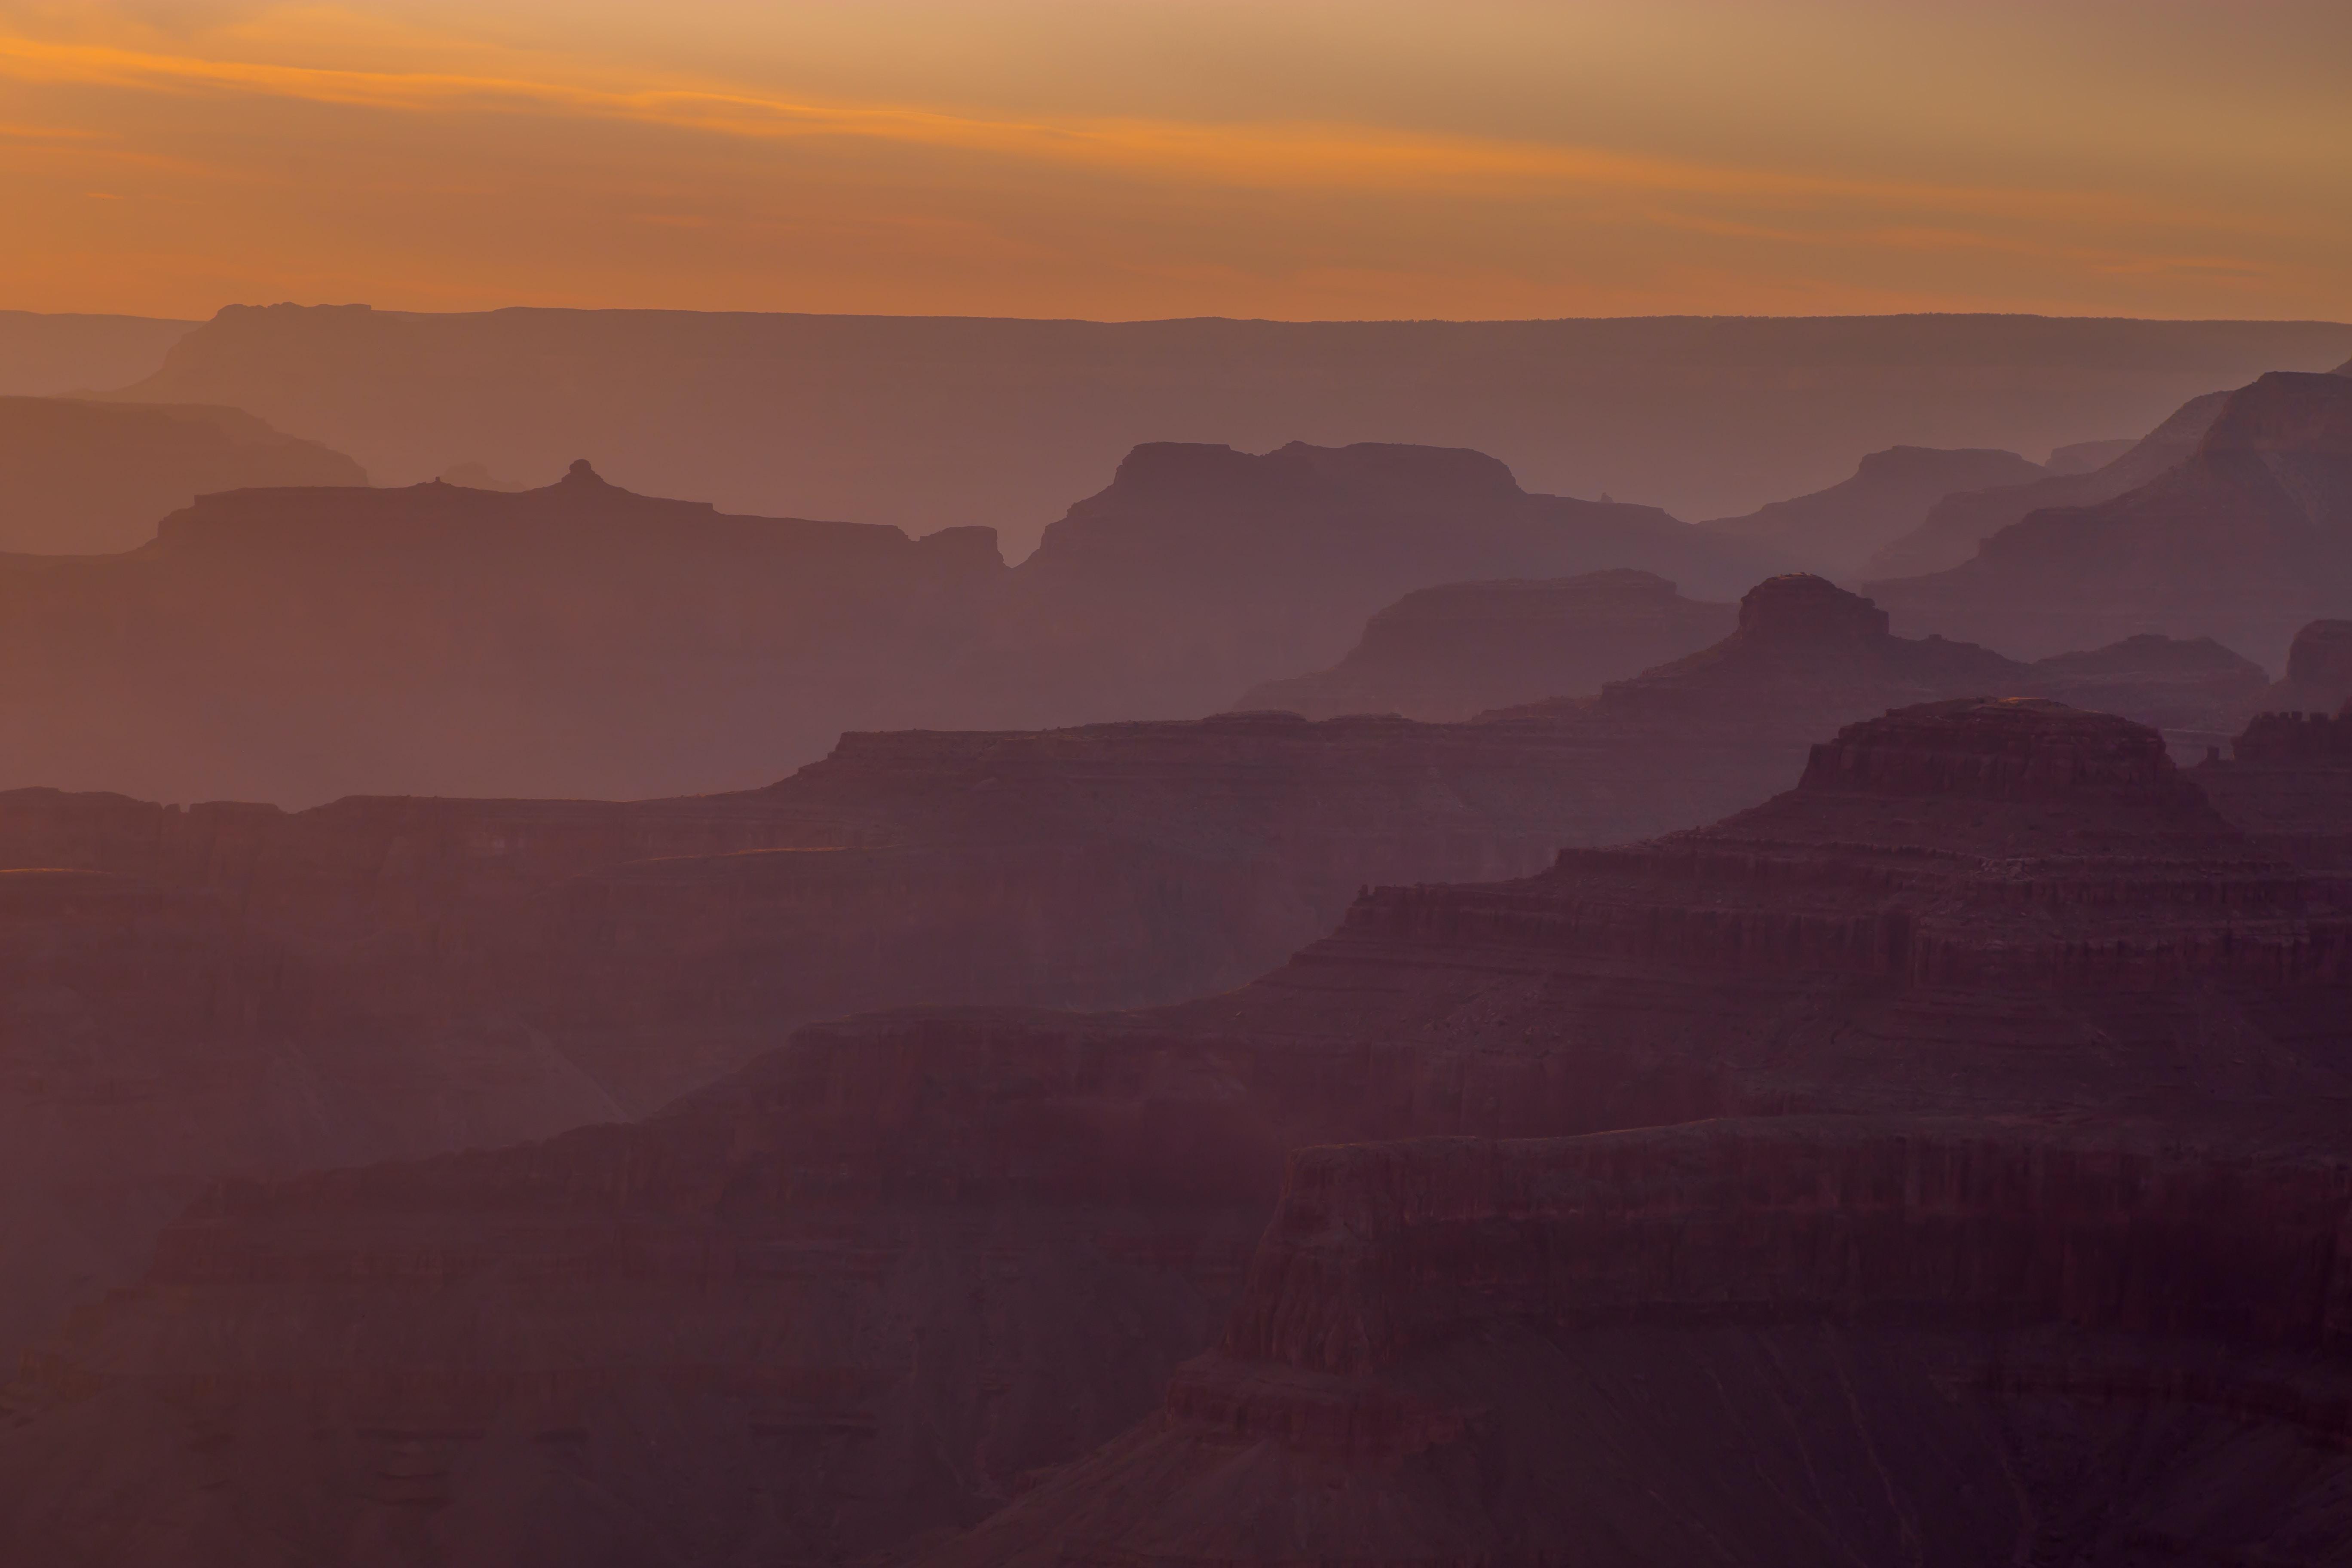 Hazy view of rock formations at Arizona's Grand Canyon National Park at dusk